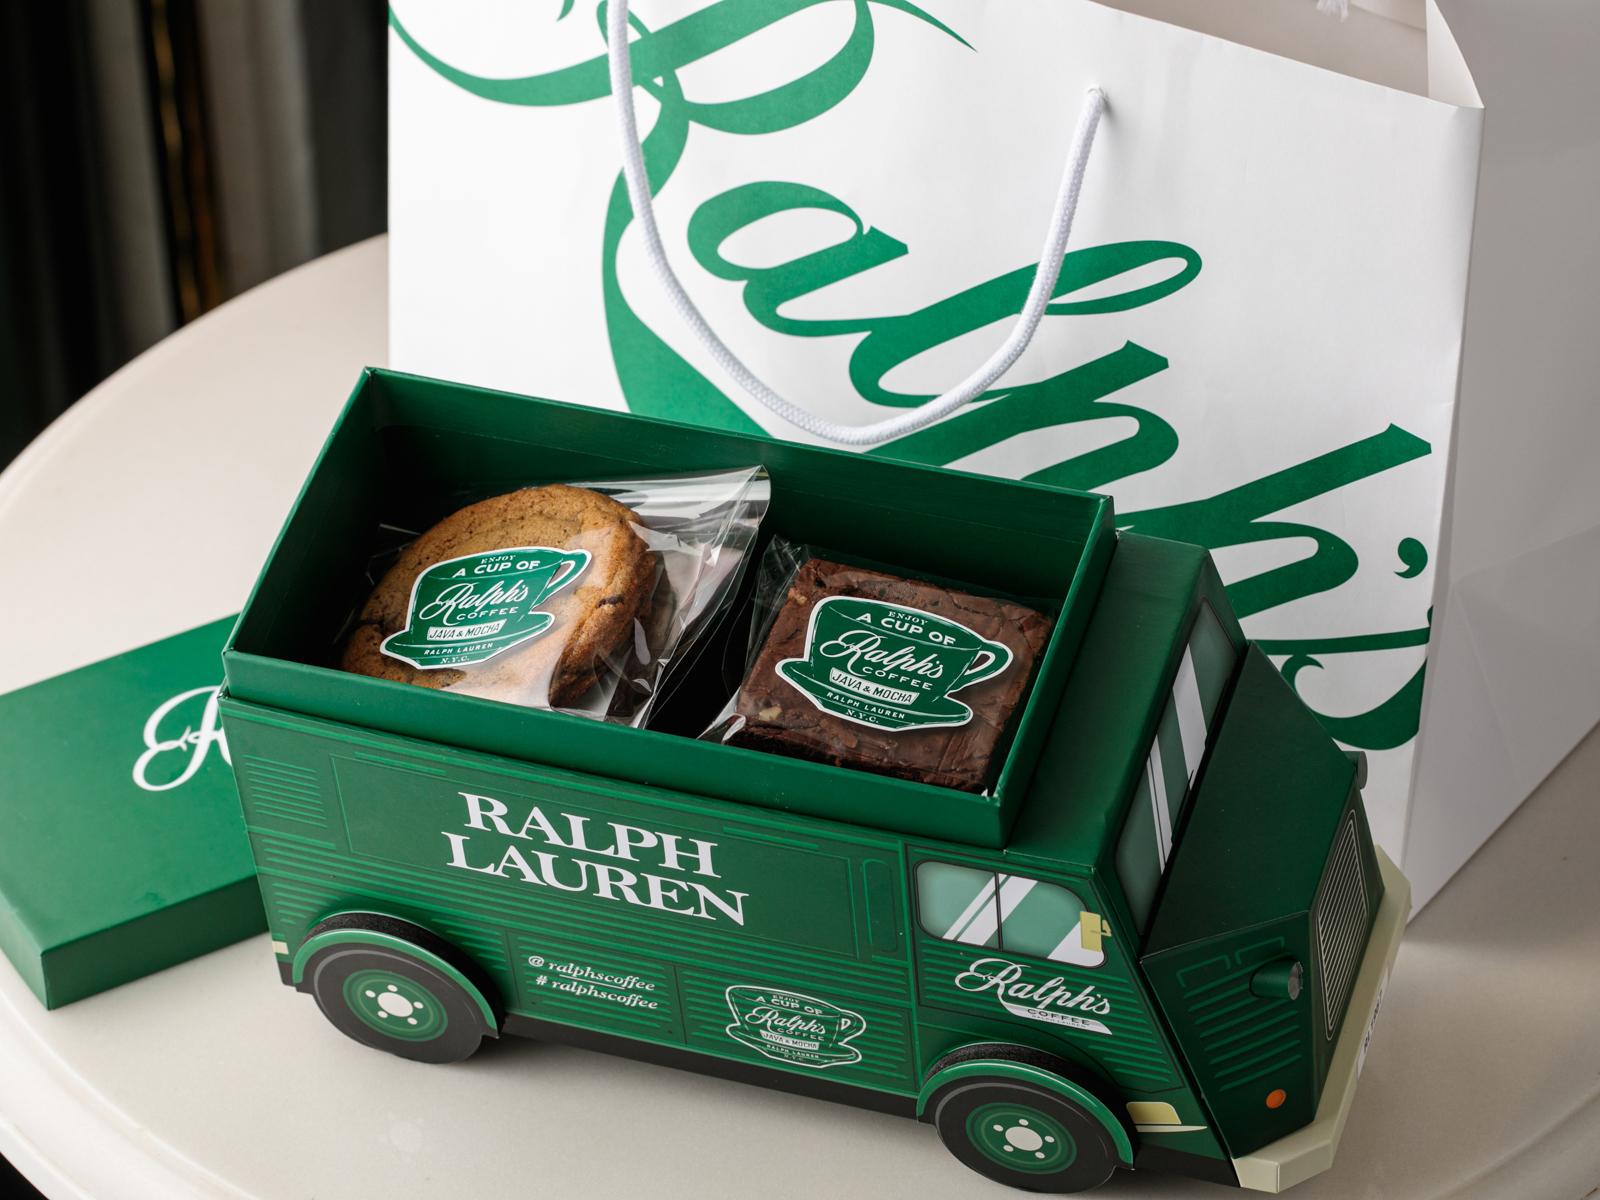 『ラルフズ コーヒー』のイタリア生まれの限定ホットドリンクが素敵すぎる♪ おしゃれカフェで海外旅行気分【#バレンタイン 2020】_3